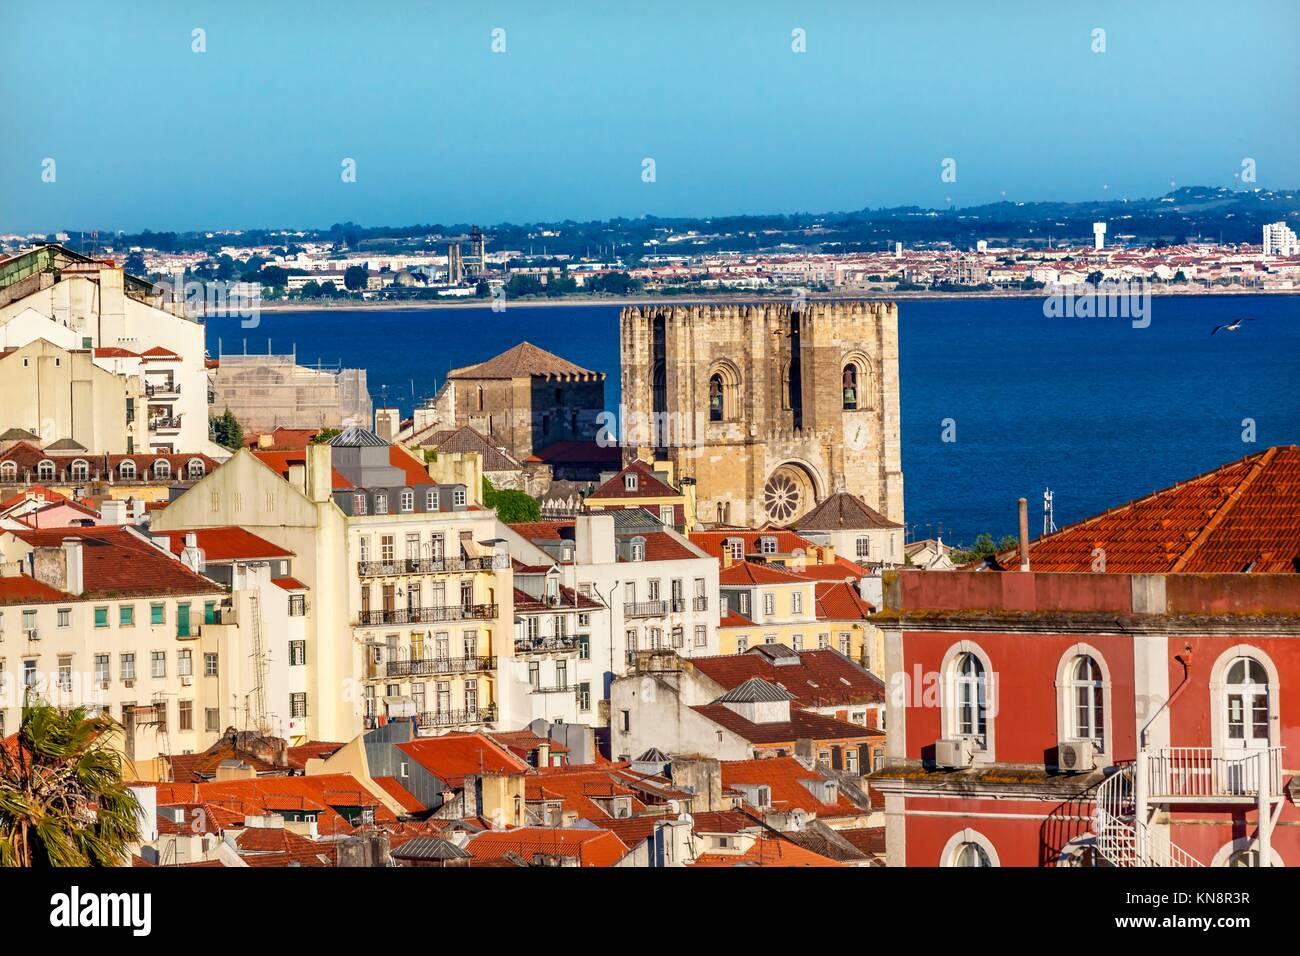 Belevedere Miradoura de Sao Pedro de Alcantara Outlook Cathedral Houses Harbor Lisbon Portugal. - Stock Image